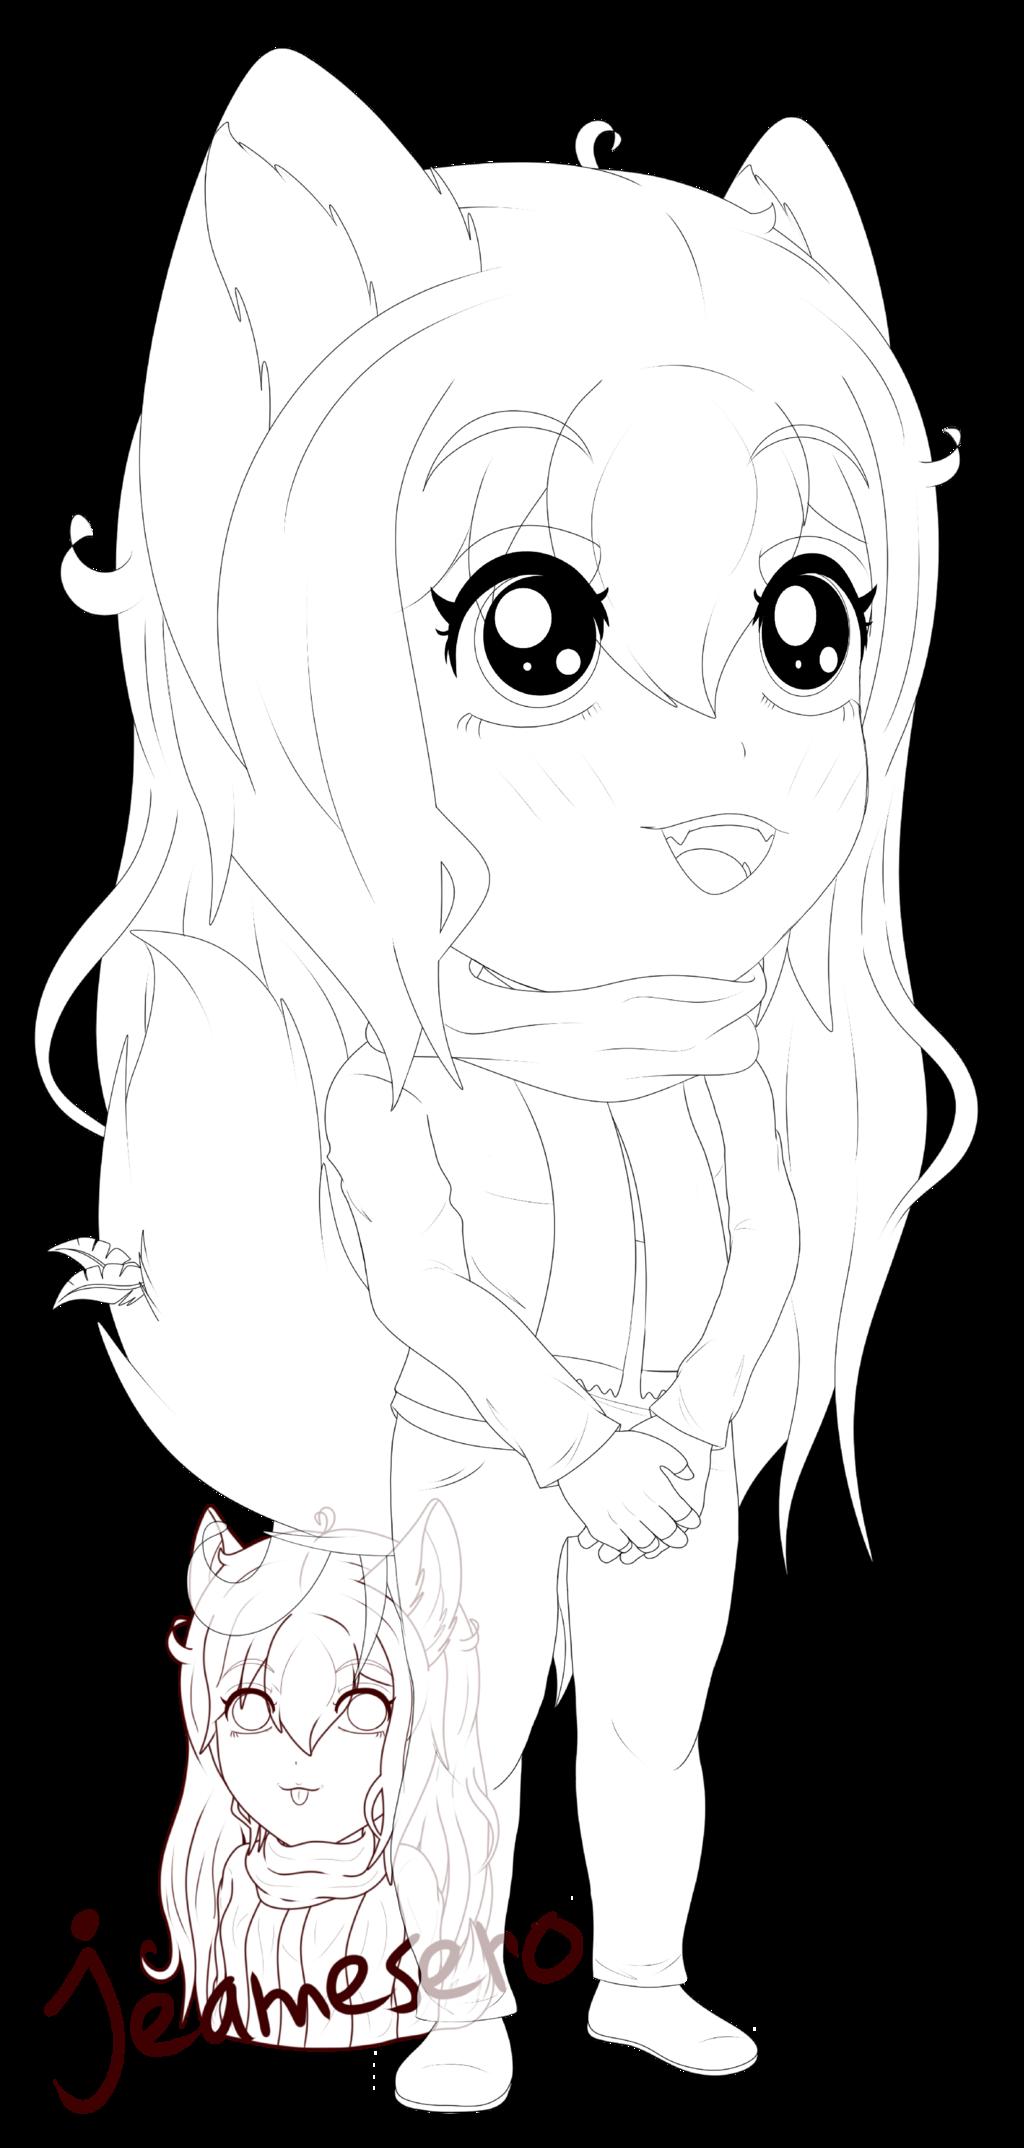 Chibi sketch 2.0